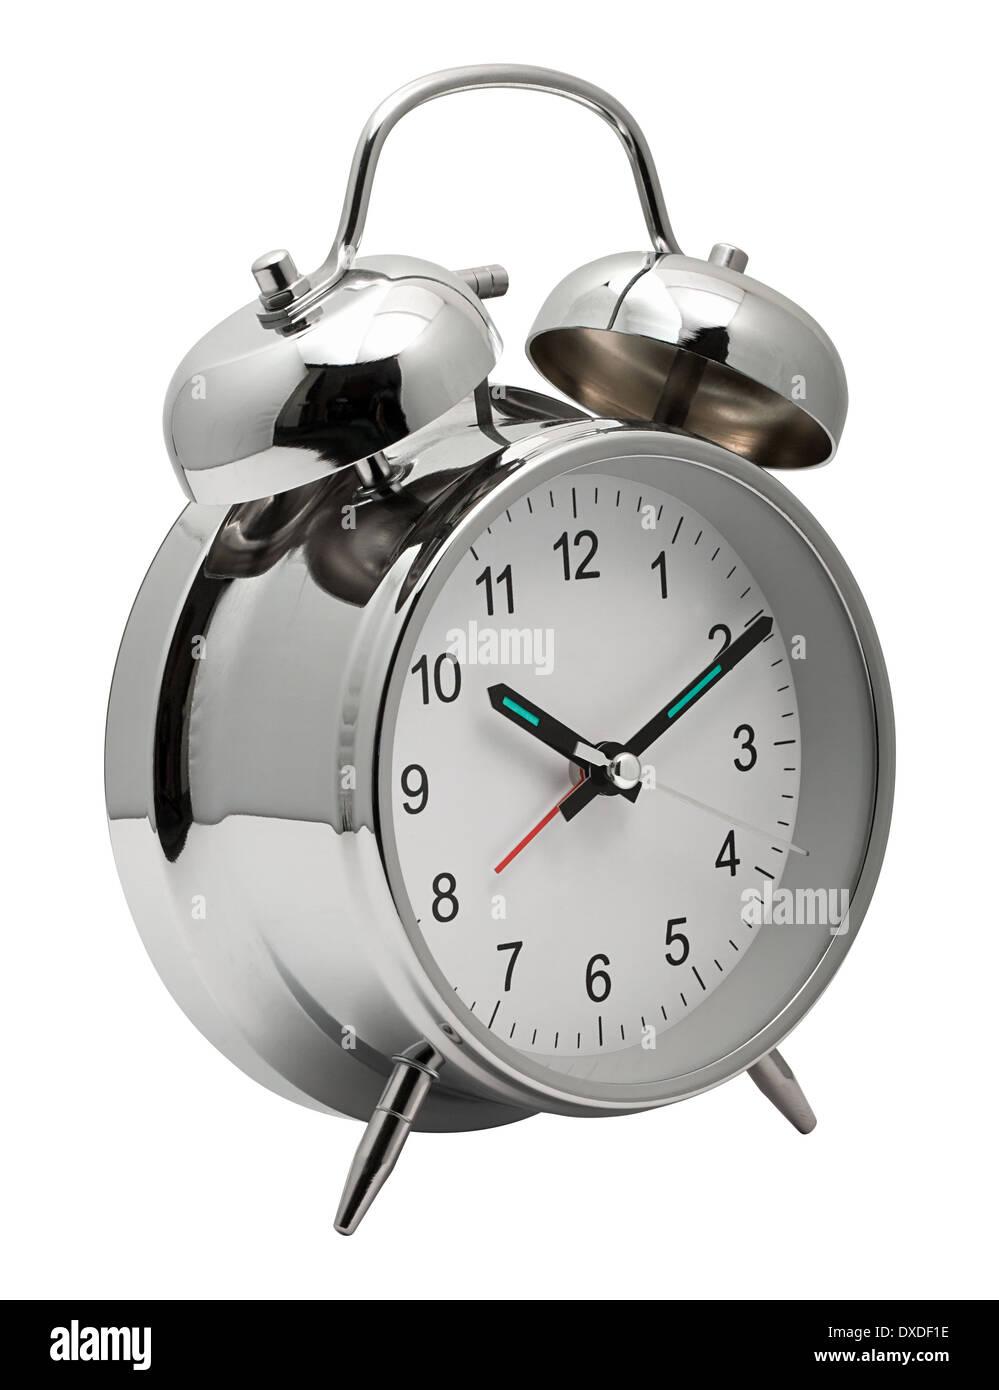 Classic silver chrome horloge avec alarme sur le dessus pour vous sortir du lit Photo Stock